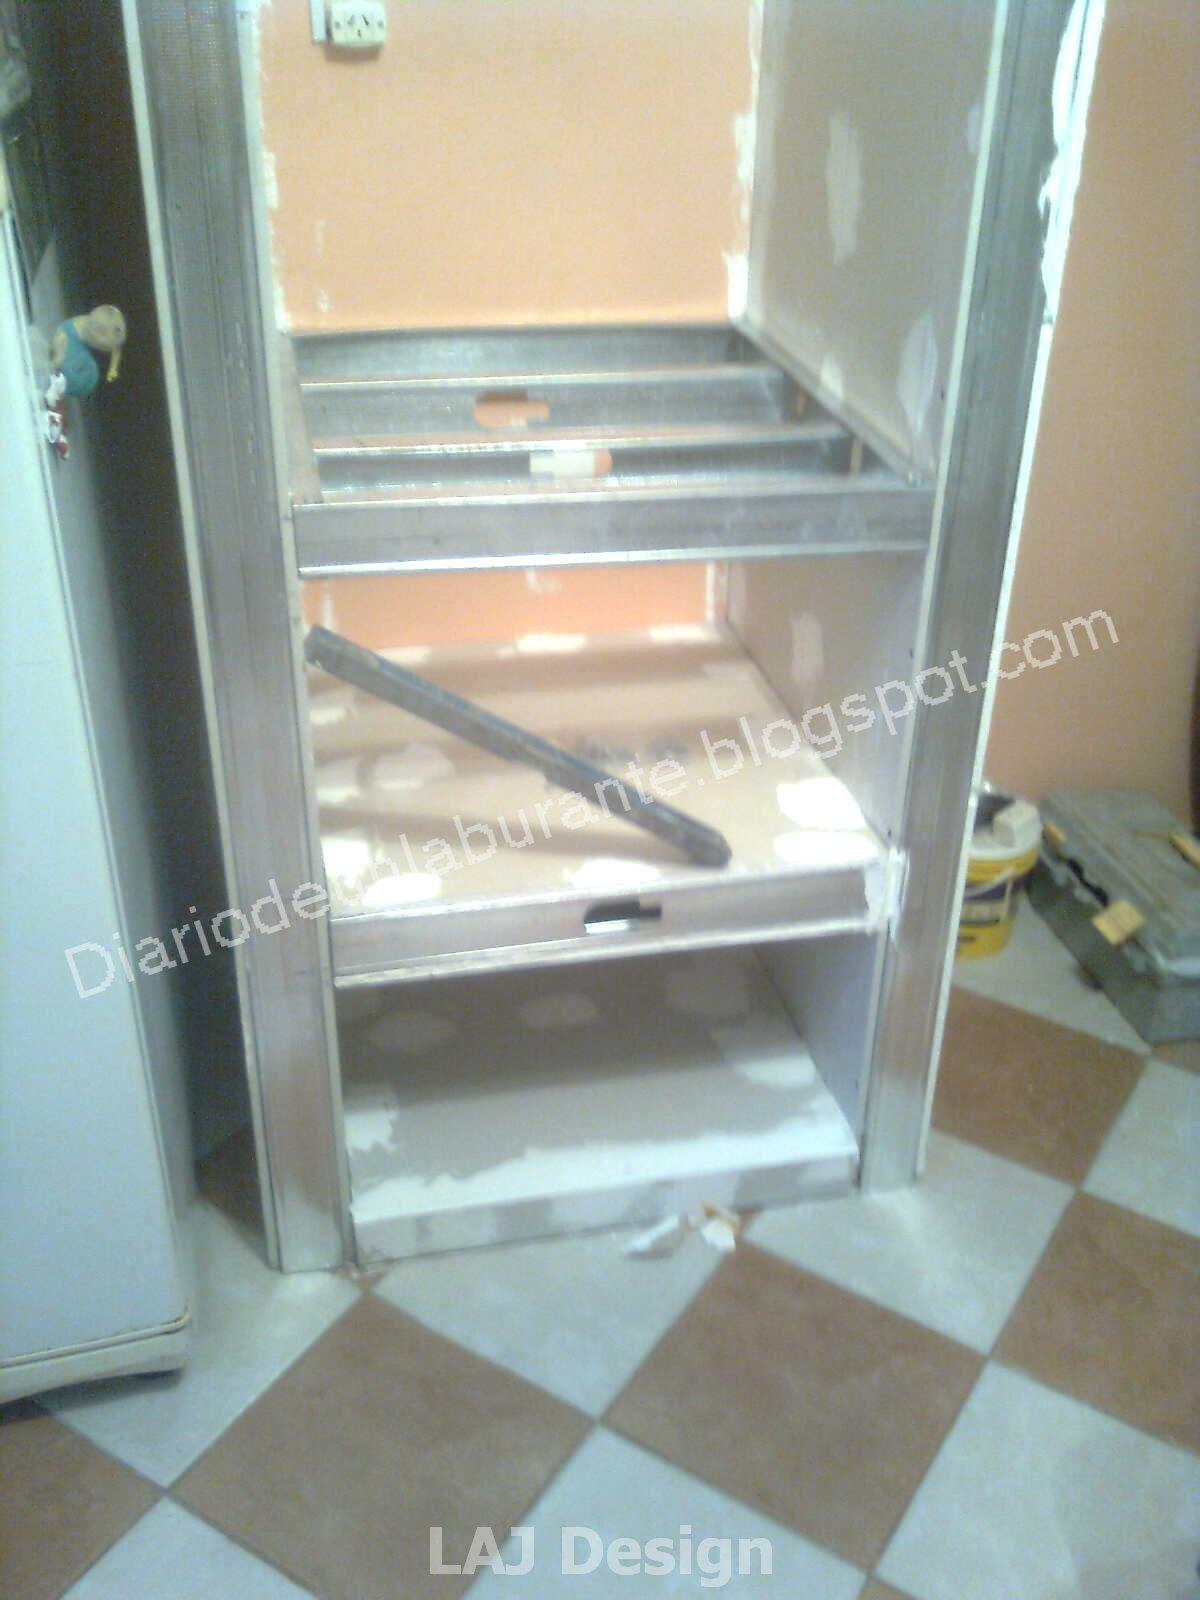 Diario de un laburante mueble durlock en la cocina parte 1 - Estante microondas ...